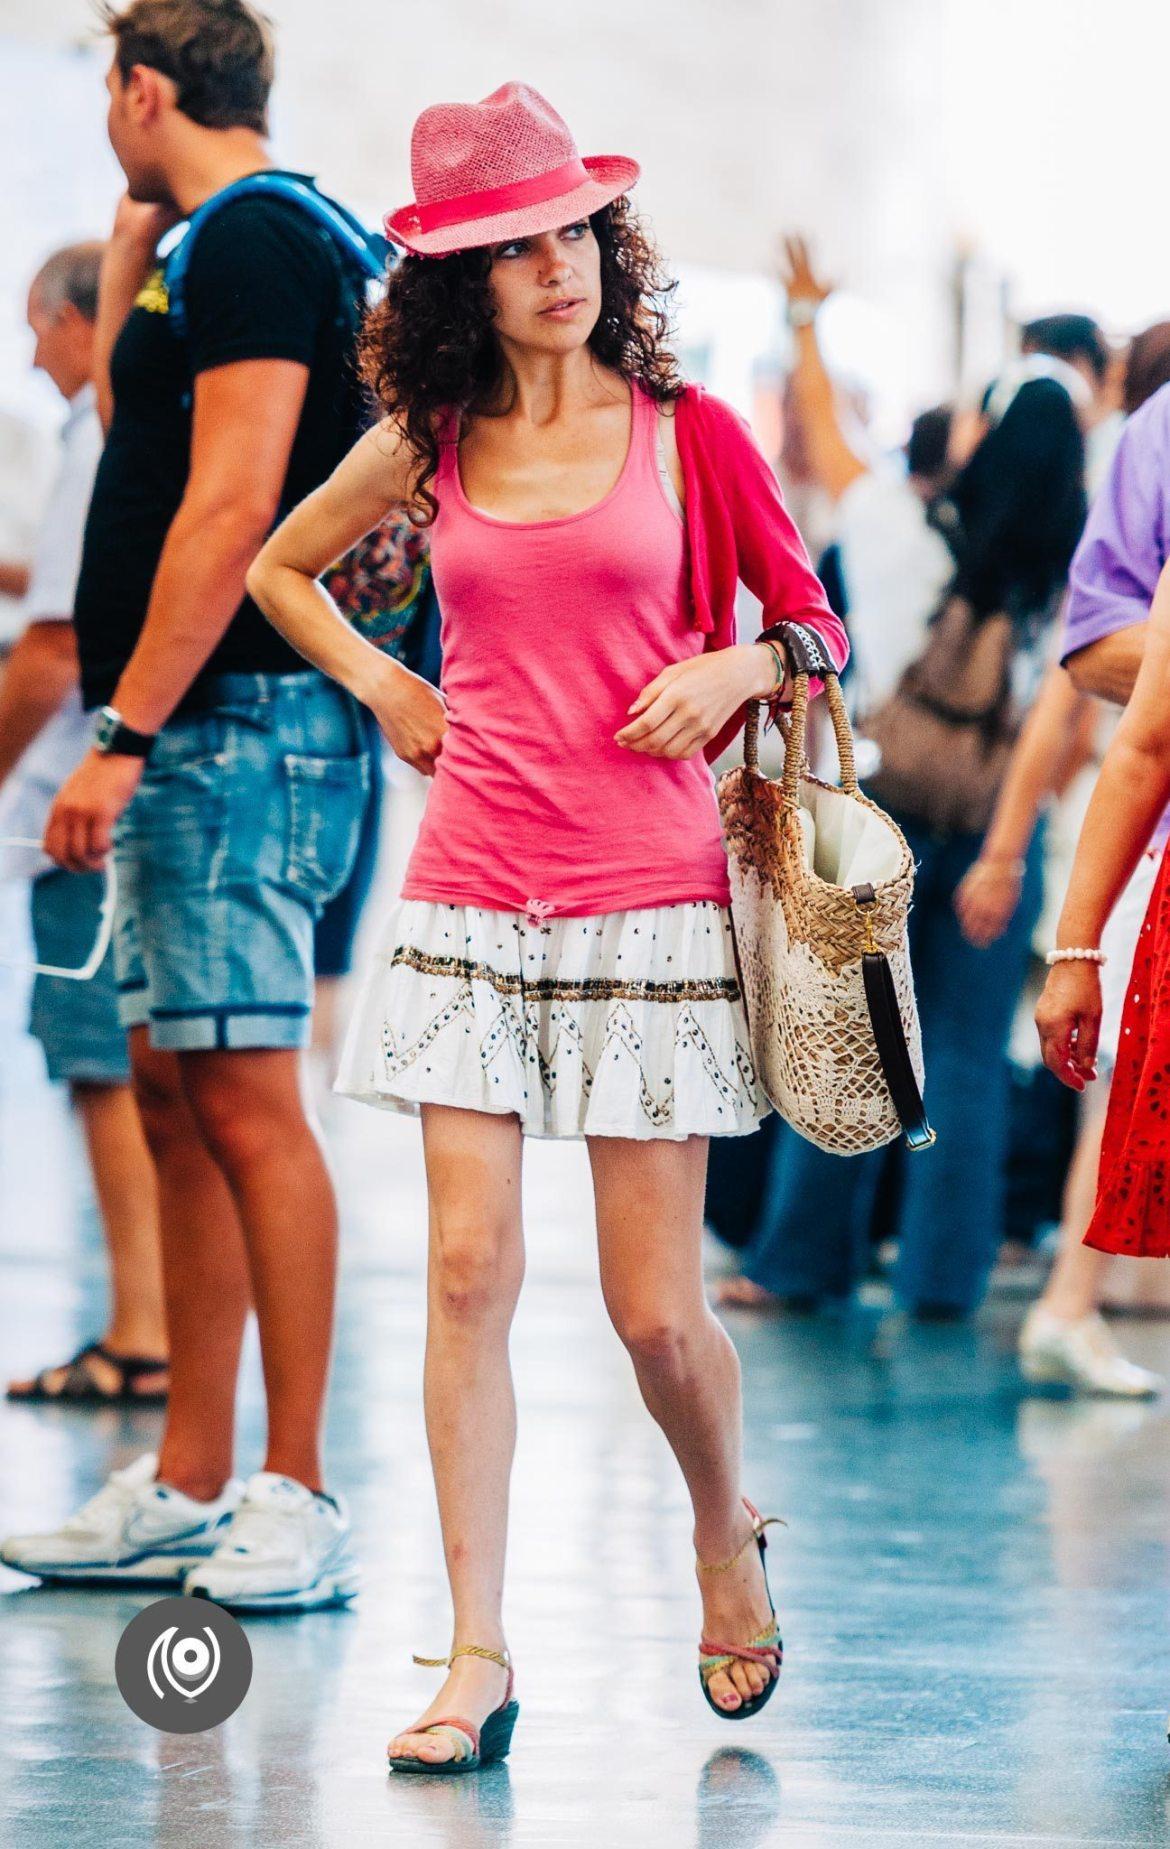 Naina.co-Raconteuse-Visuelle-Photographer-Blogger-Storyteller-Luxury-Lifestyle-EyesForStreetStyle-Europe-31